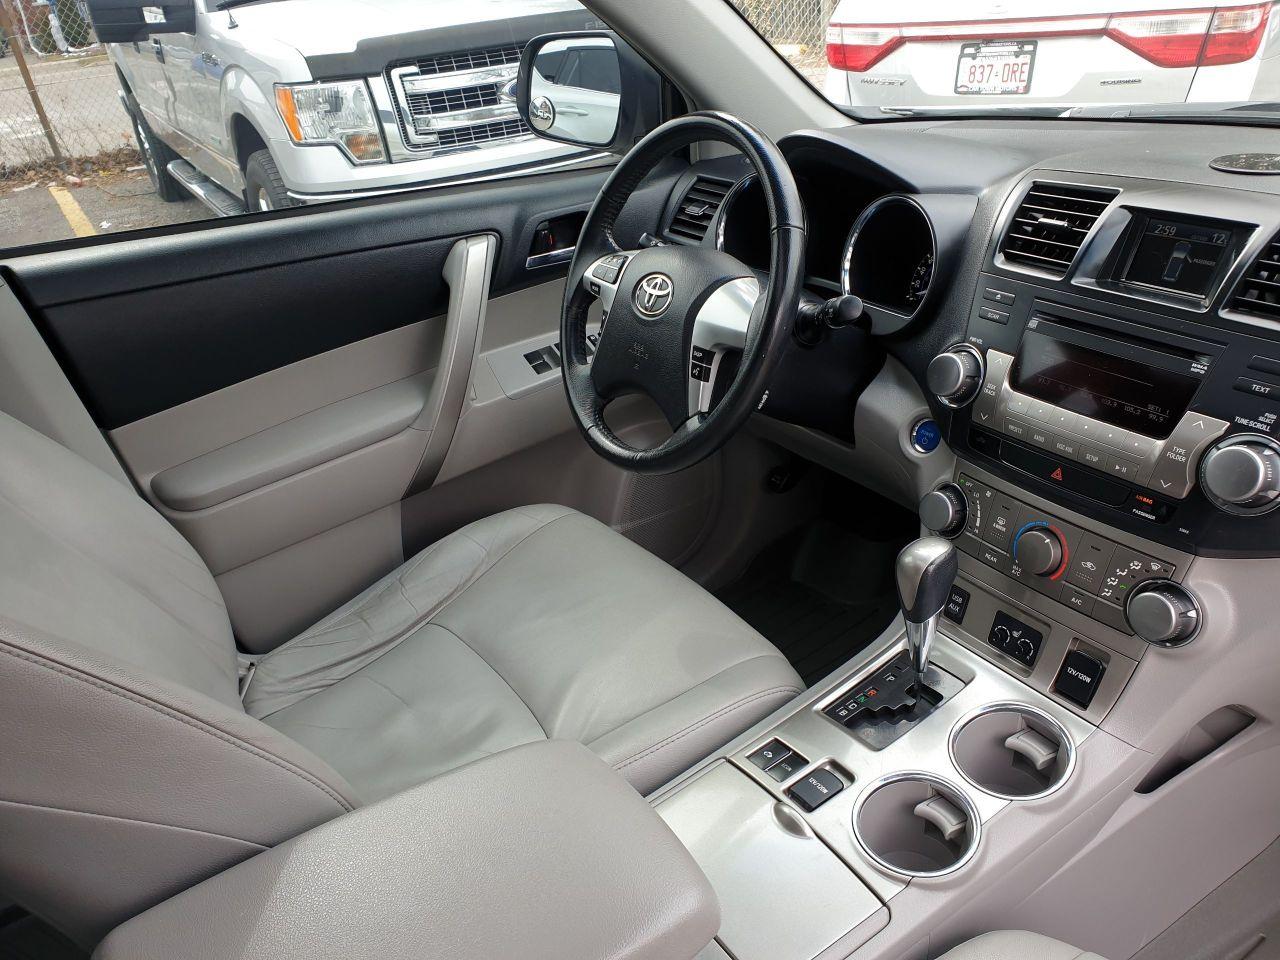 2011 Toyota Highlander Hybrid